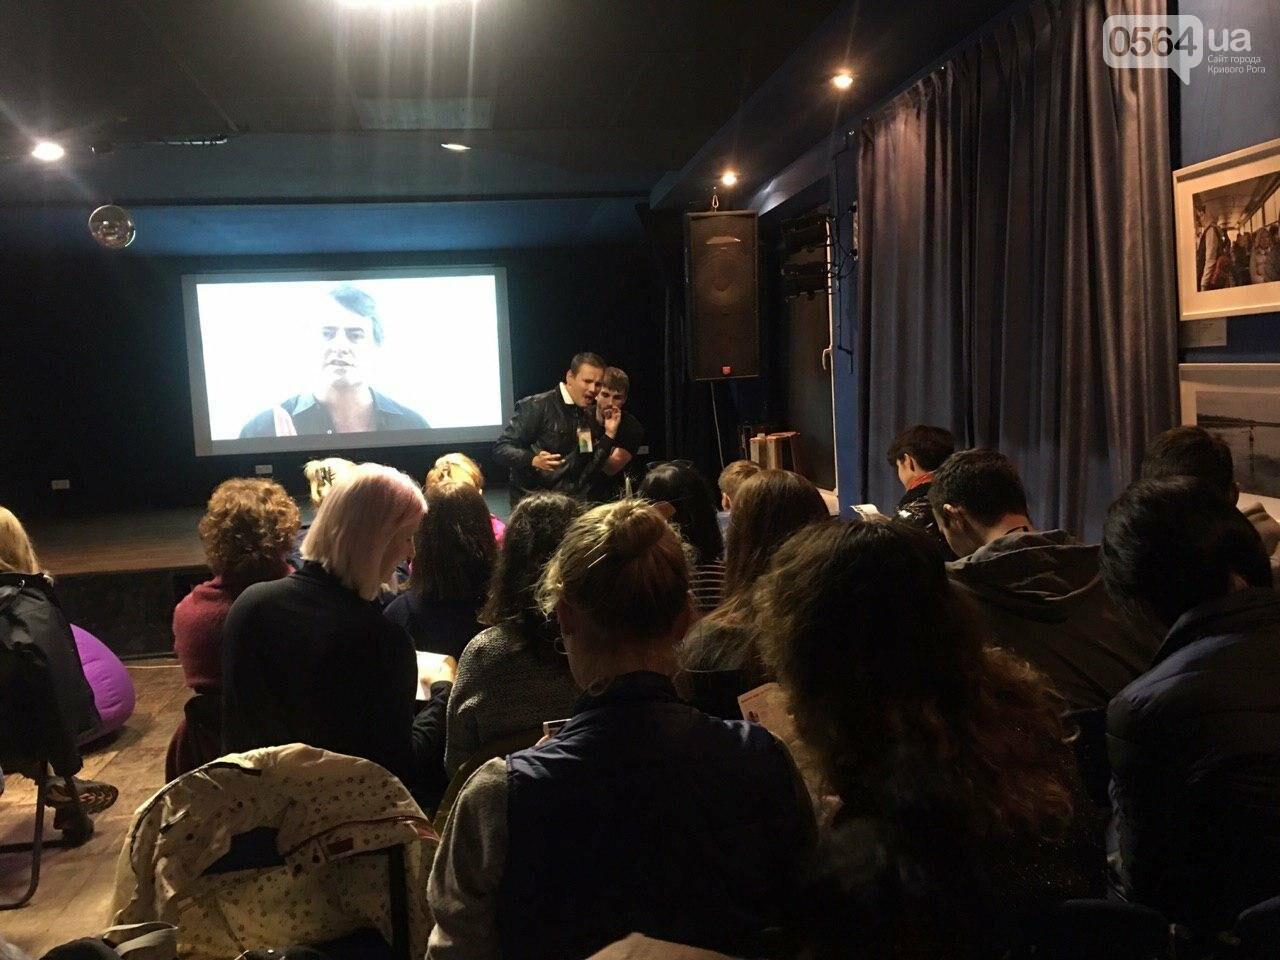 Криворожане проголосовали за лучшие короткометражные фильмы, показанные в рамках Манхеттенского фестиваля, - ФОТО, ВИДЕО , фото-16